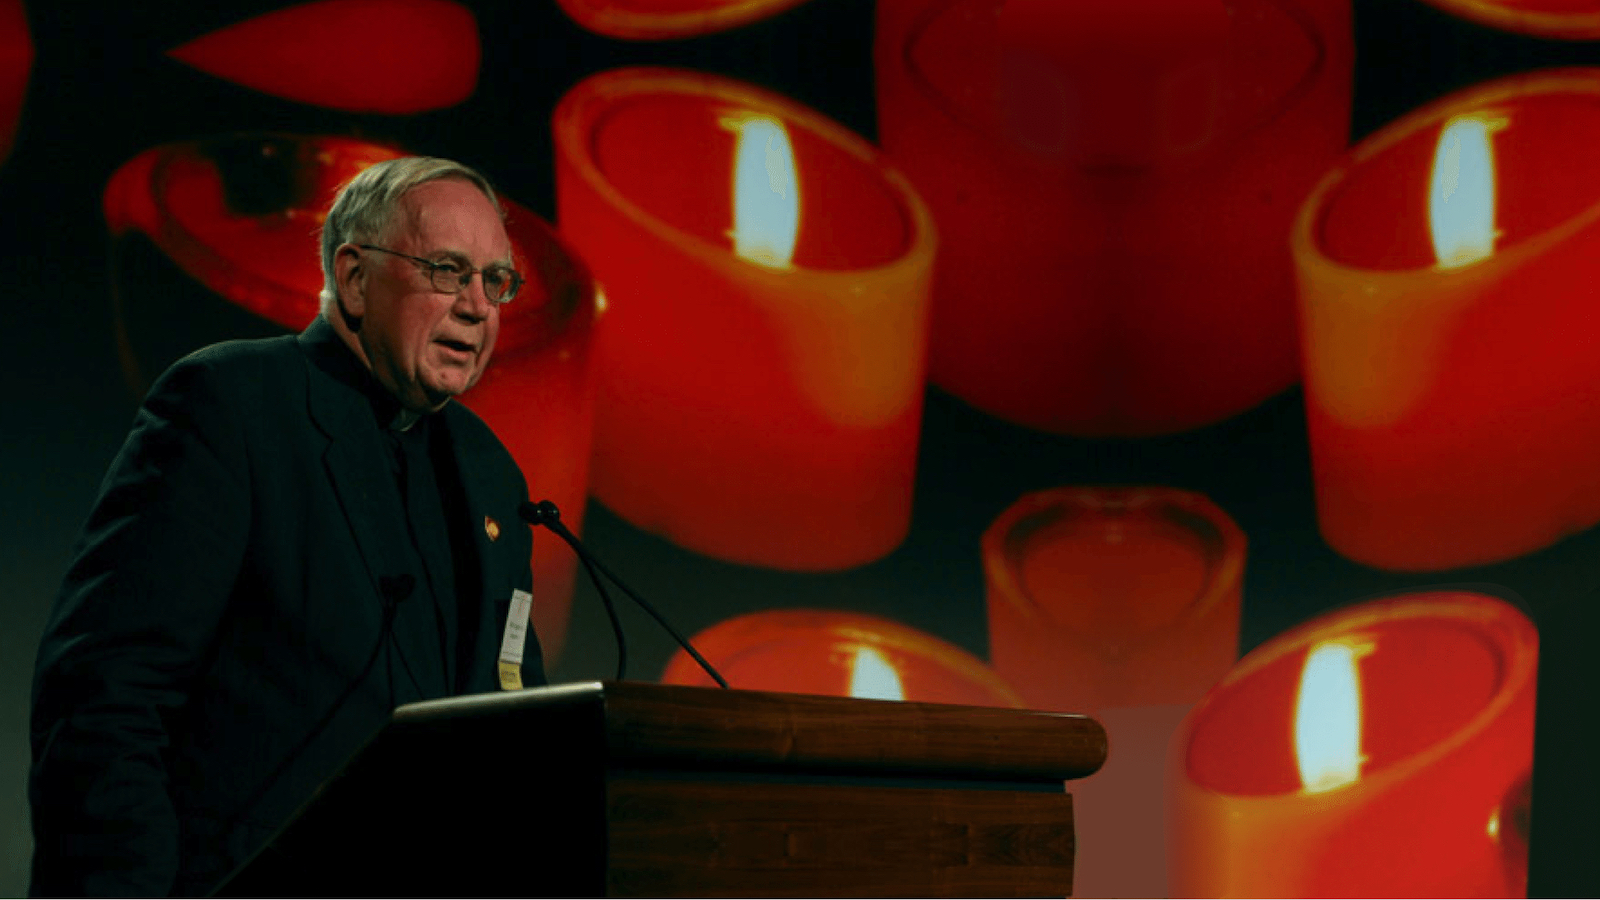 Berkley Center Remembers Rev. John Langan, S.J.